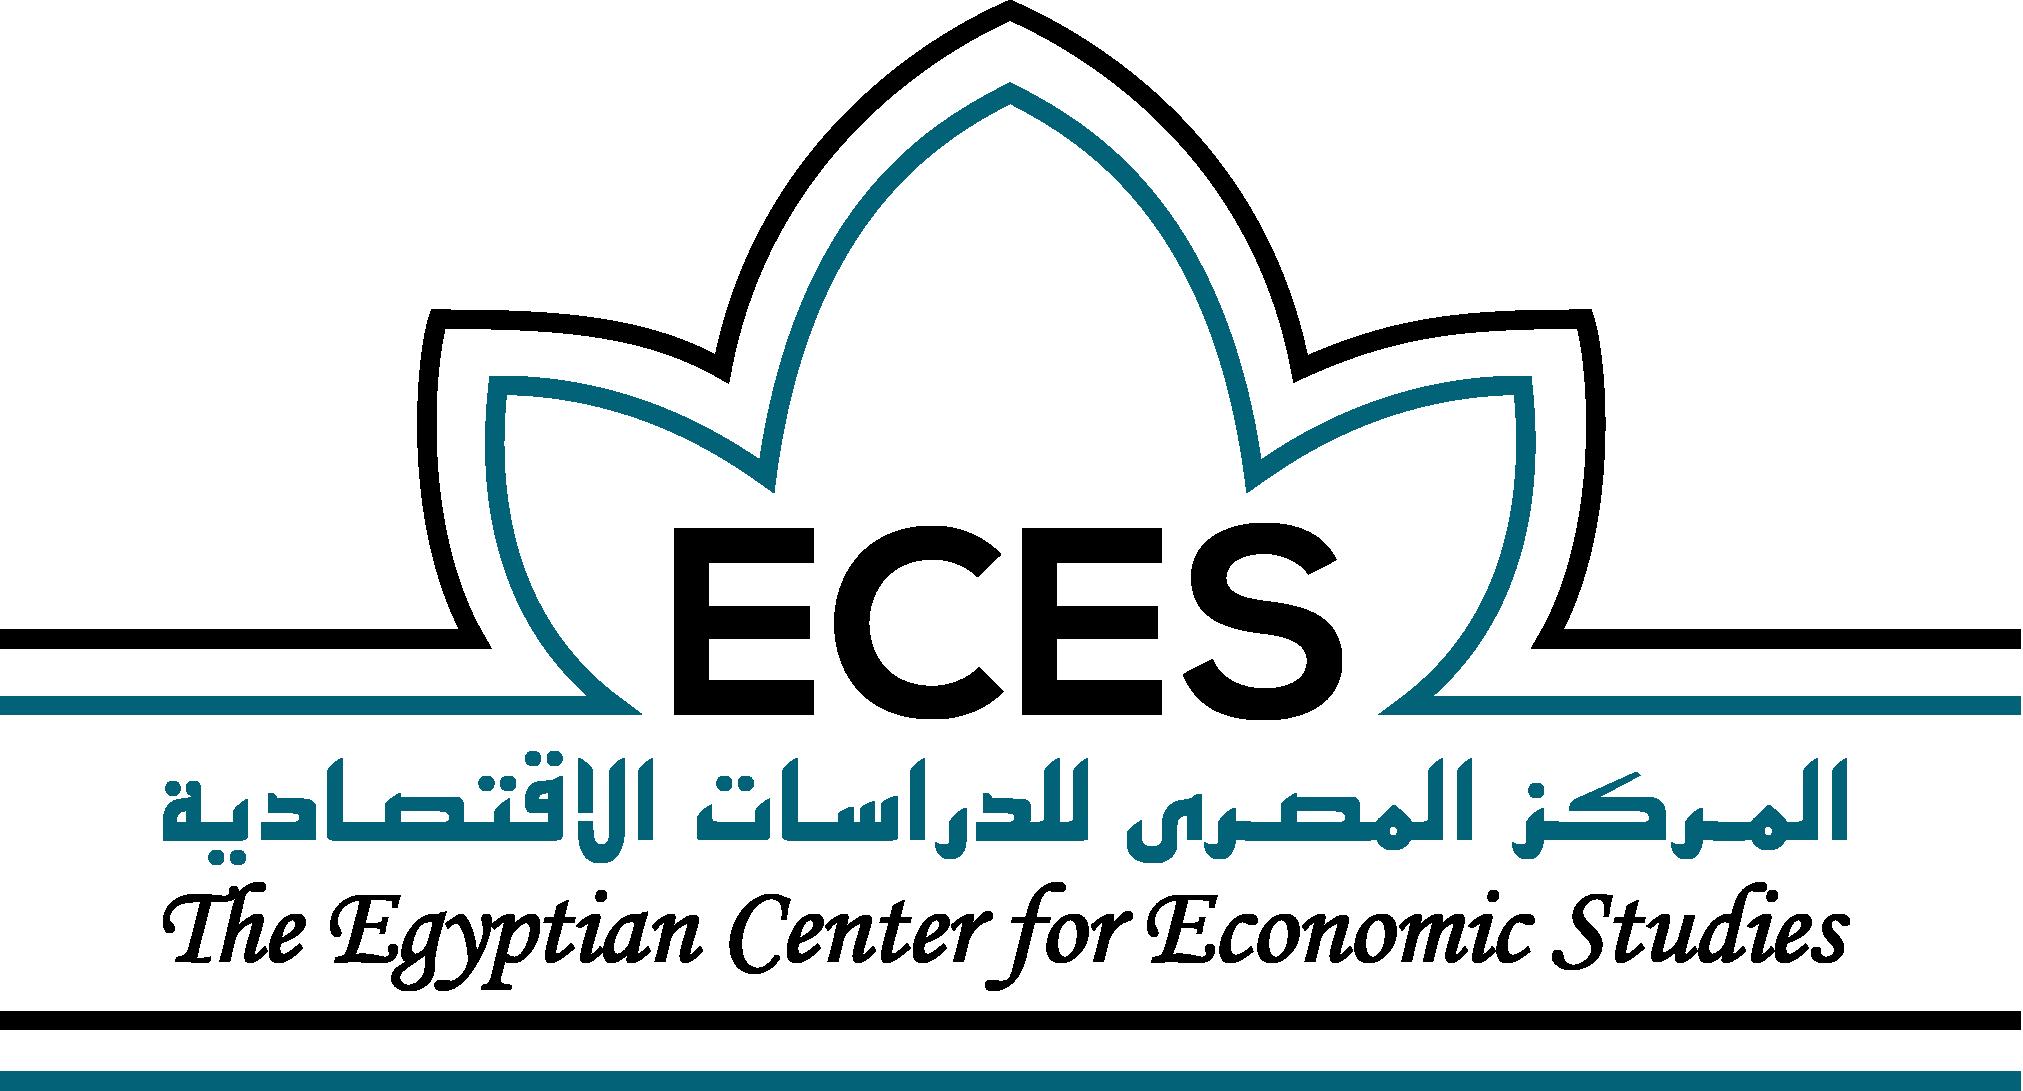 Egyptian Center for Economic Studies